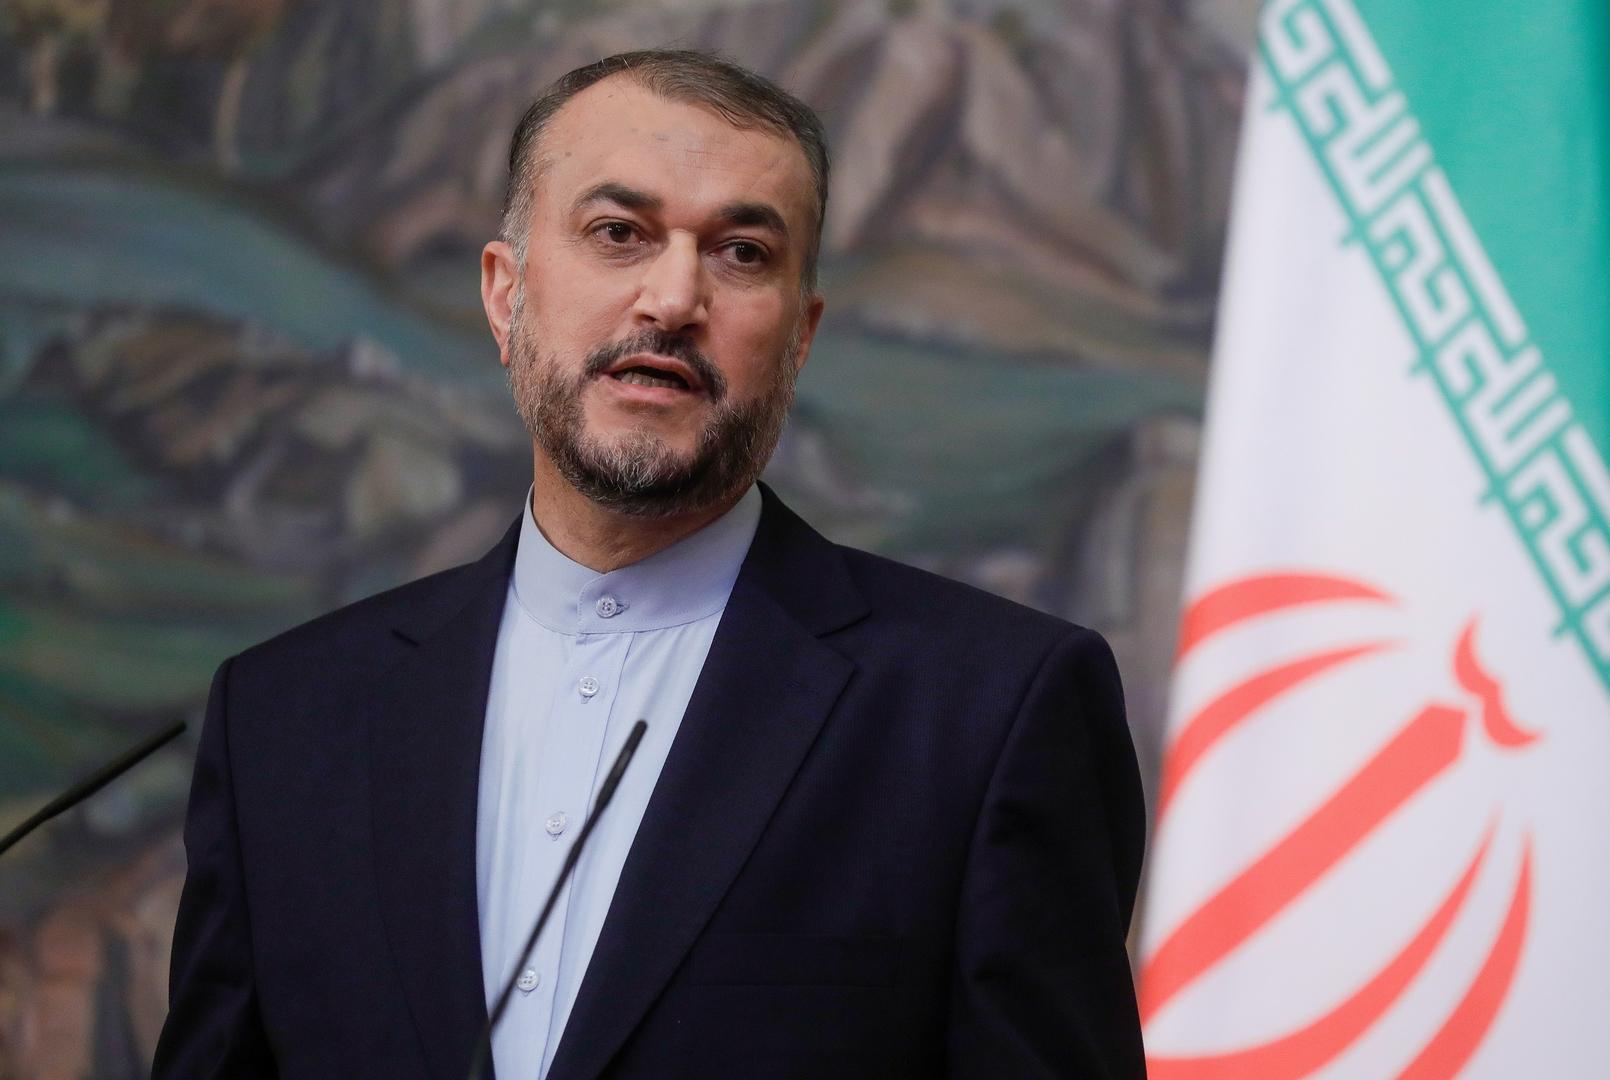 إيران تطلب من الأمريكيين